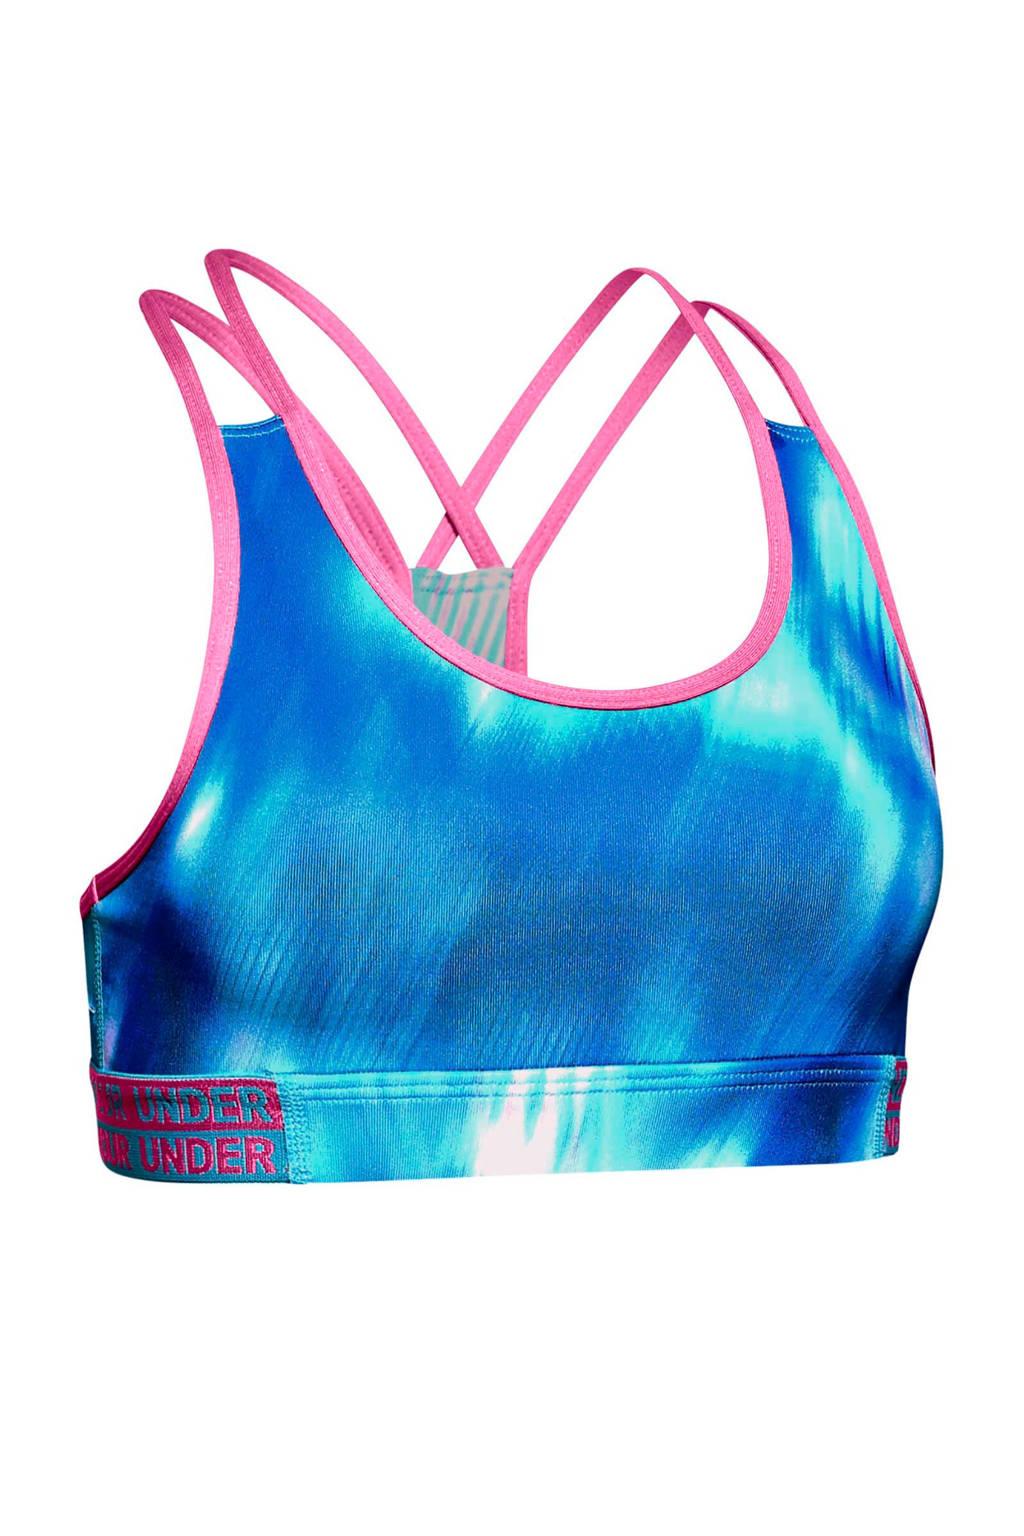 Under Armour sportbh blauw, Blauw/roze